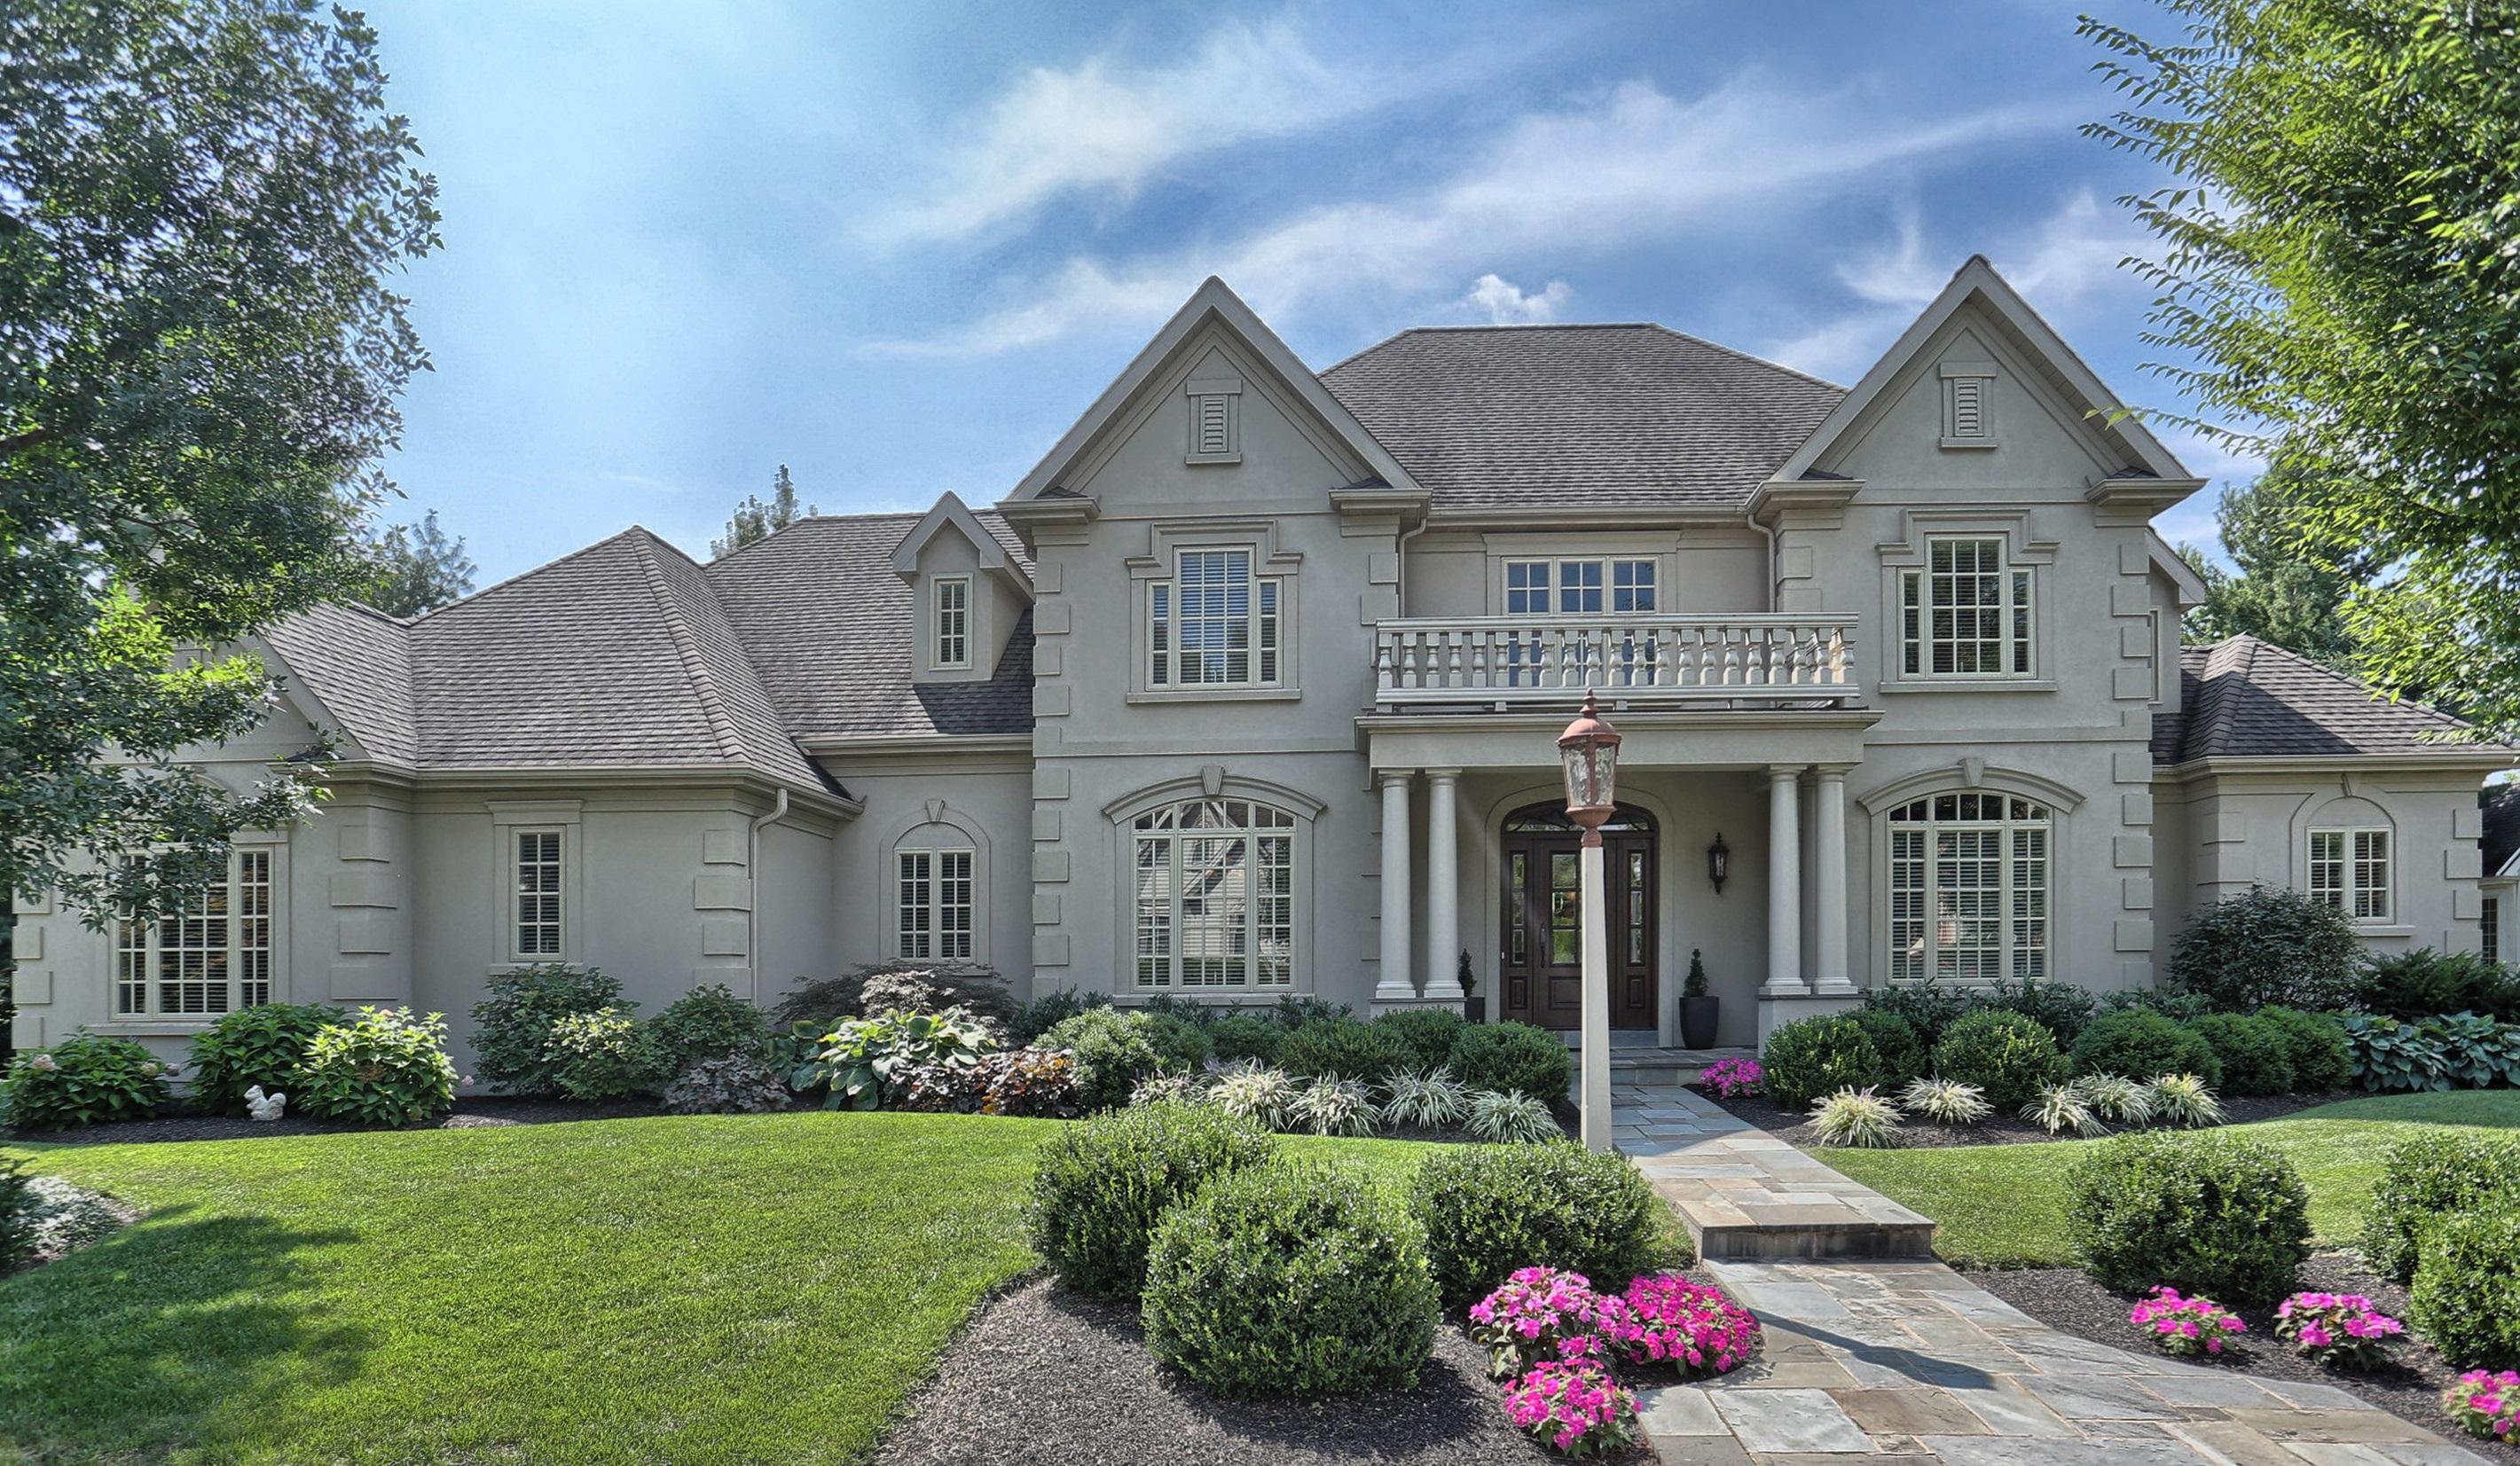 Частный односемейный дом для того Продажа на 688 Bent Creek Drive Lititz, 17543 Соединенные Штаты